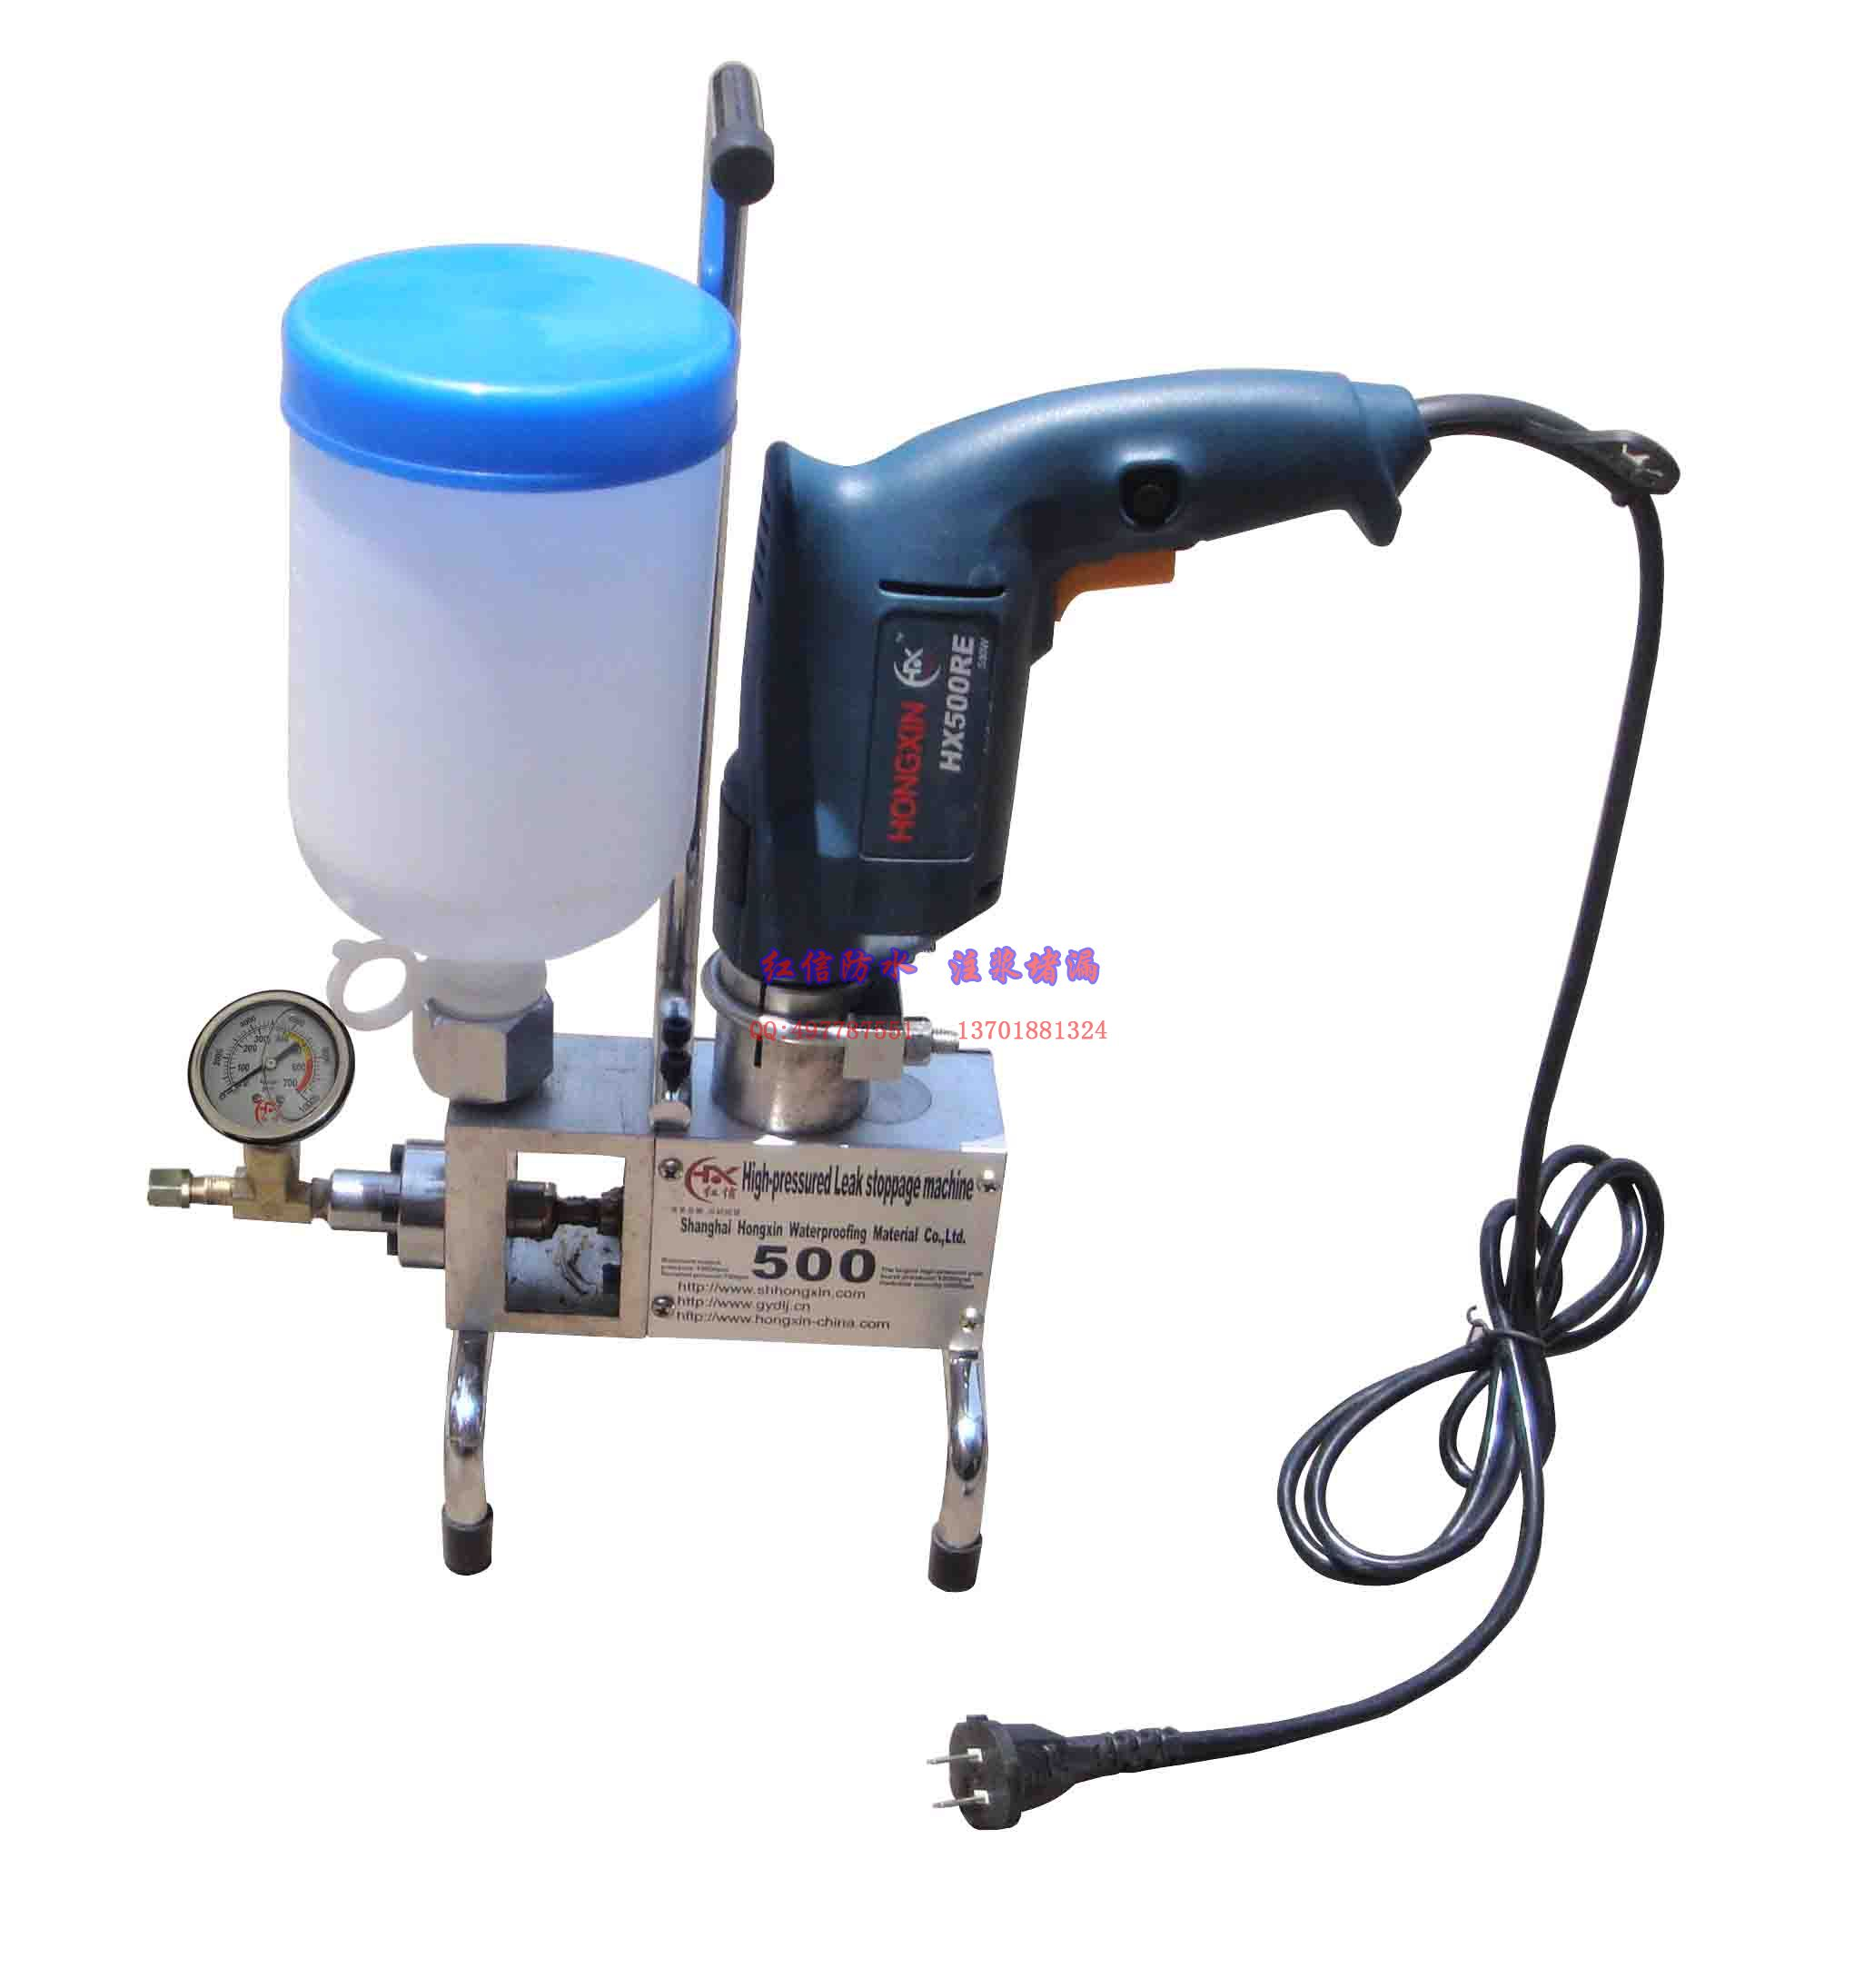 点击查看电动高压注浆机◆防水堵漏◆灌浆堵漏专用◆详细说明